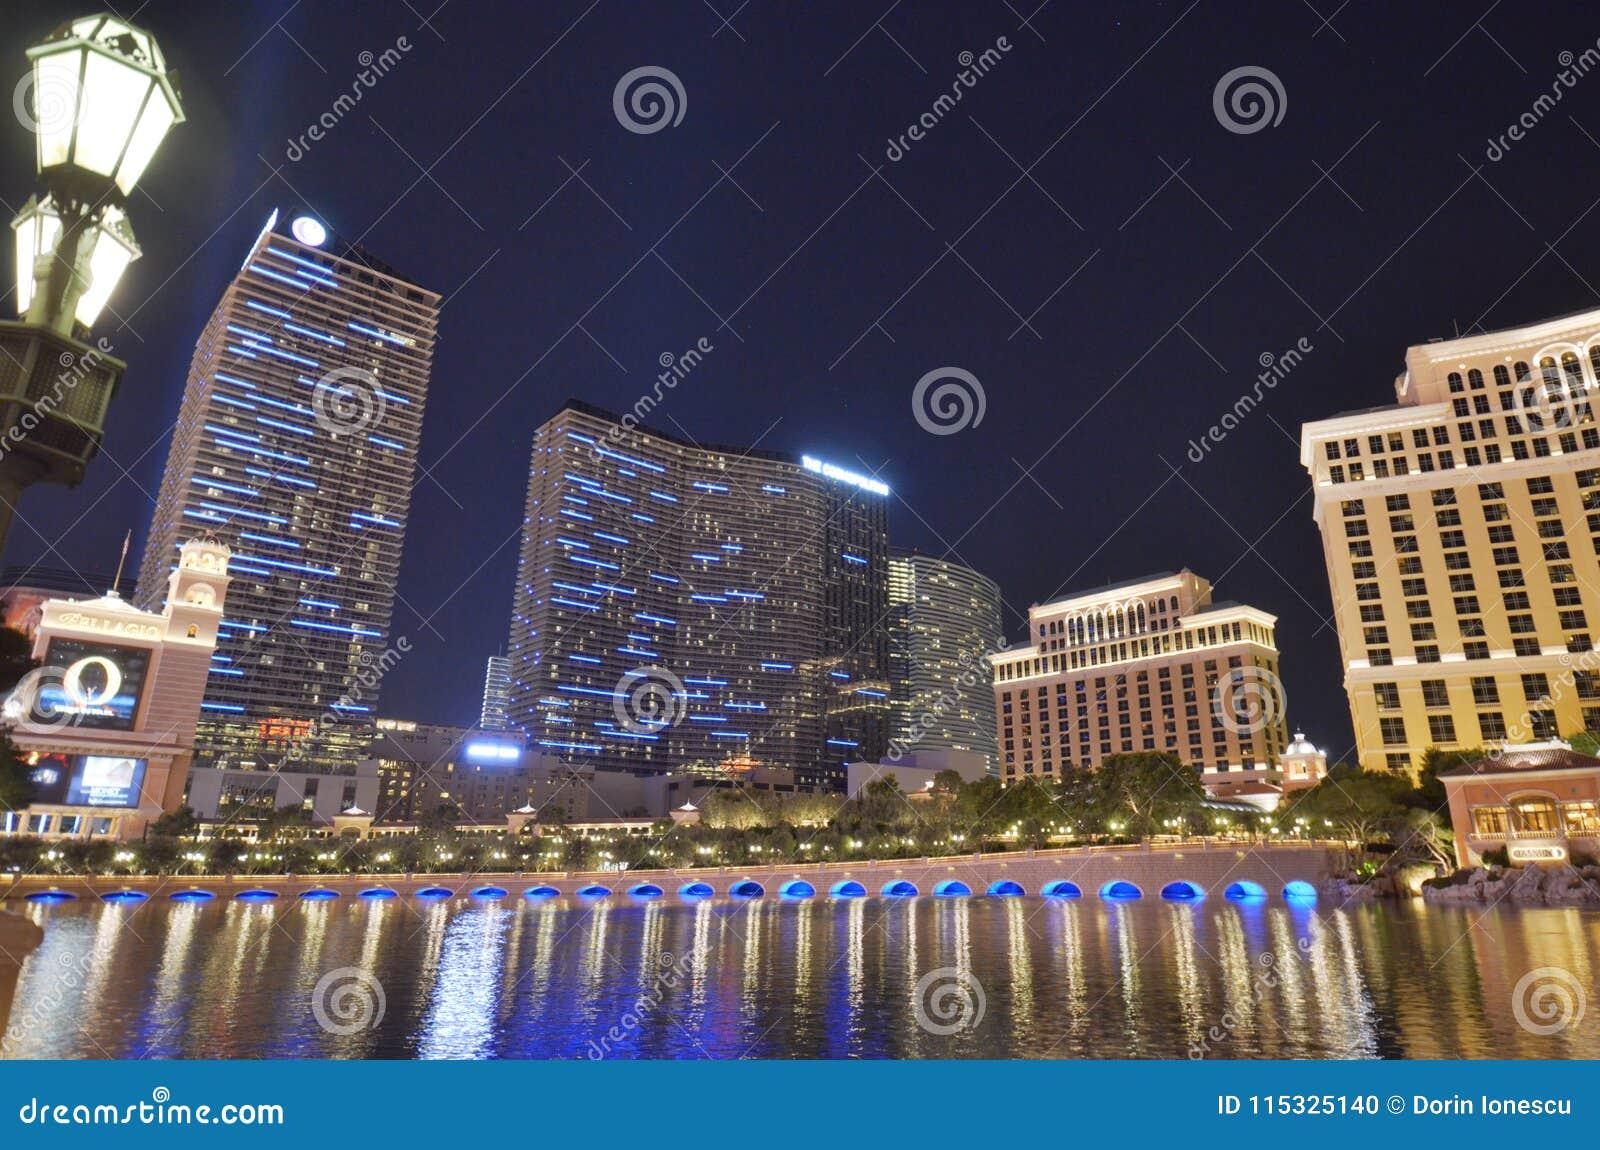 Hotel y casino, zona metropolitana, paisaje urbano, ciudad, reflexión de Bellagio